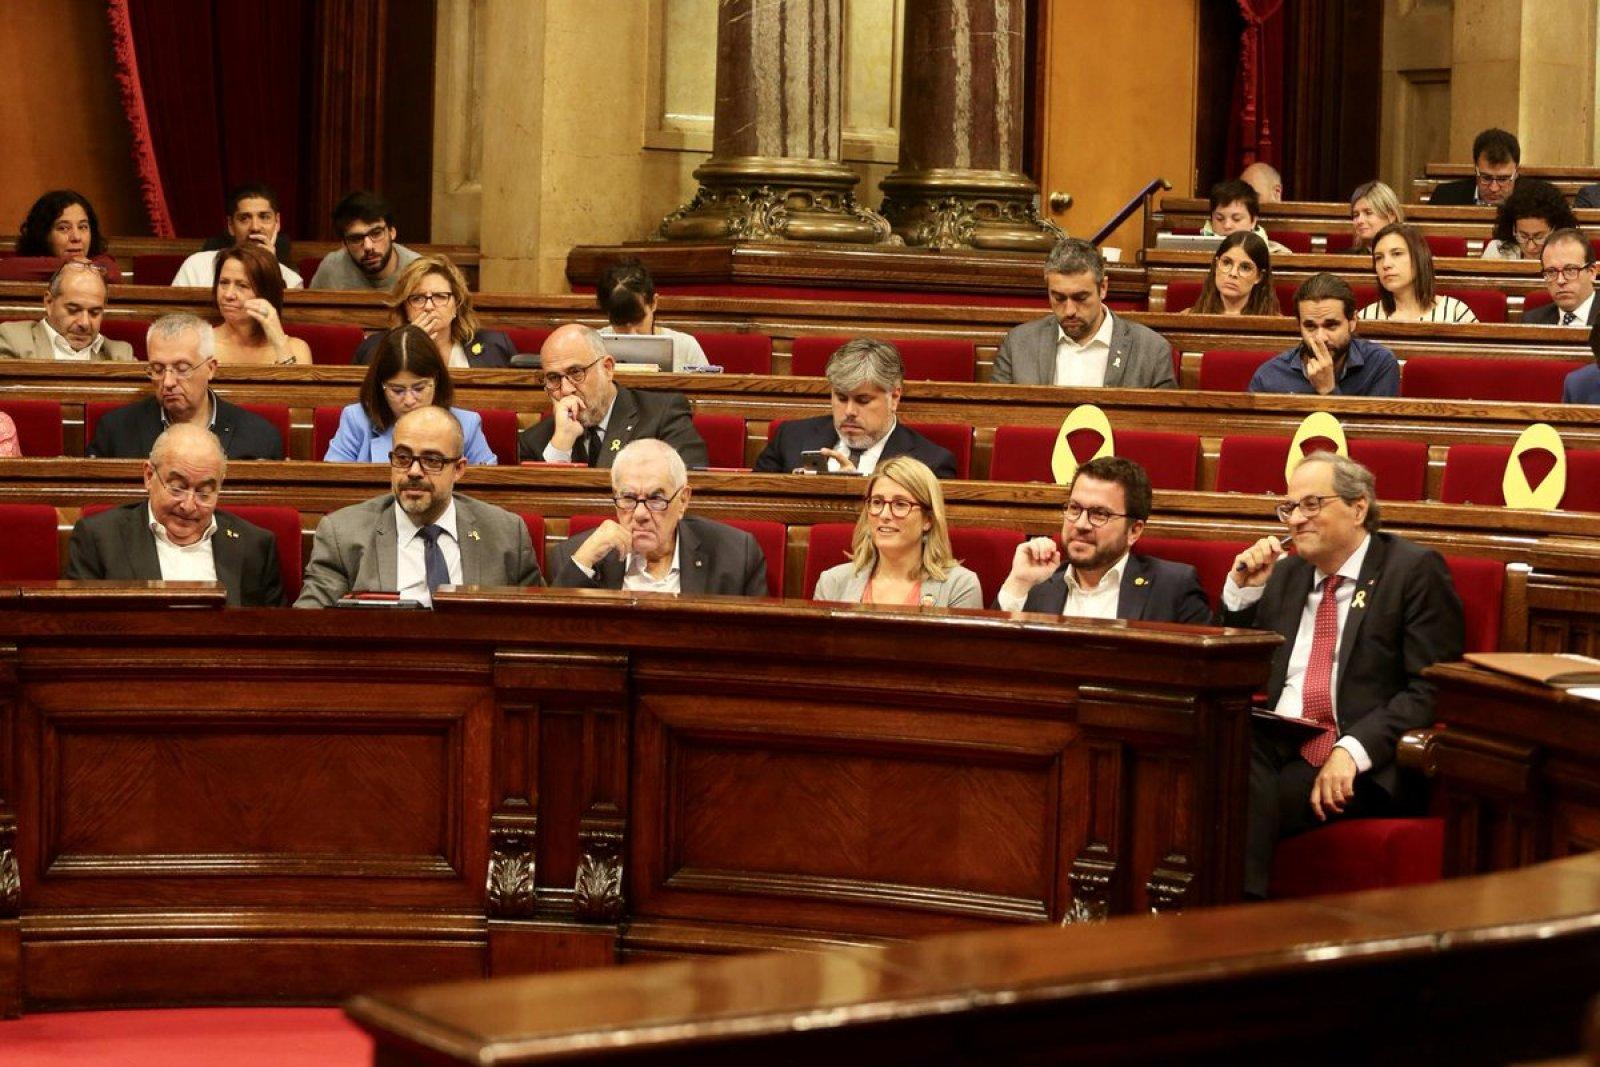 El President Quim Torra i altres membres del Govern al Parlament